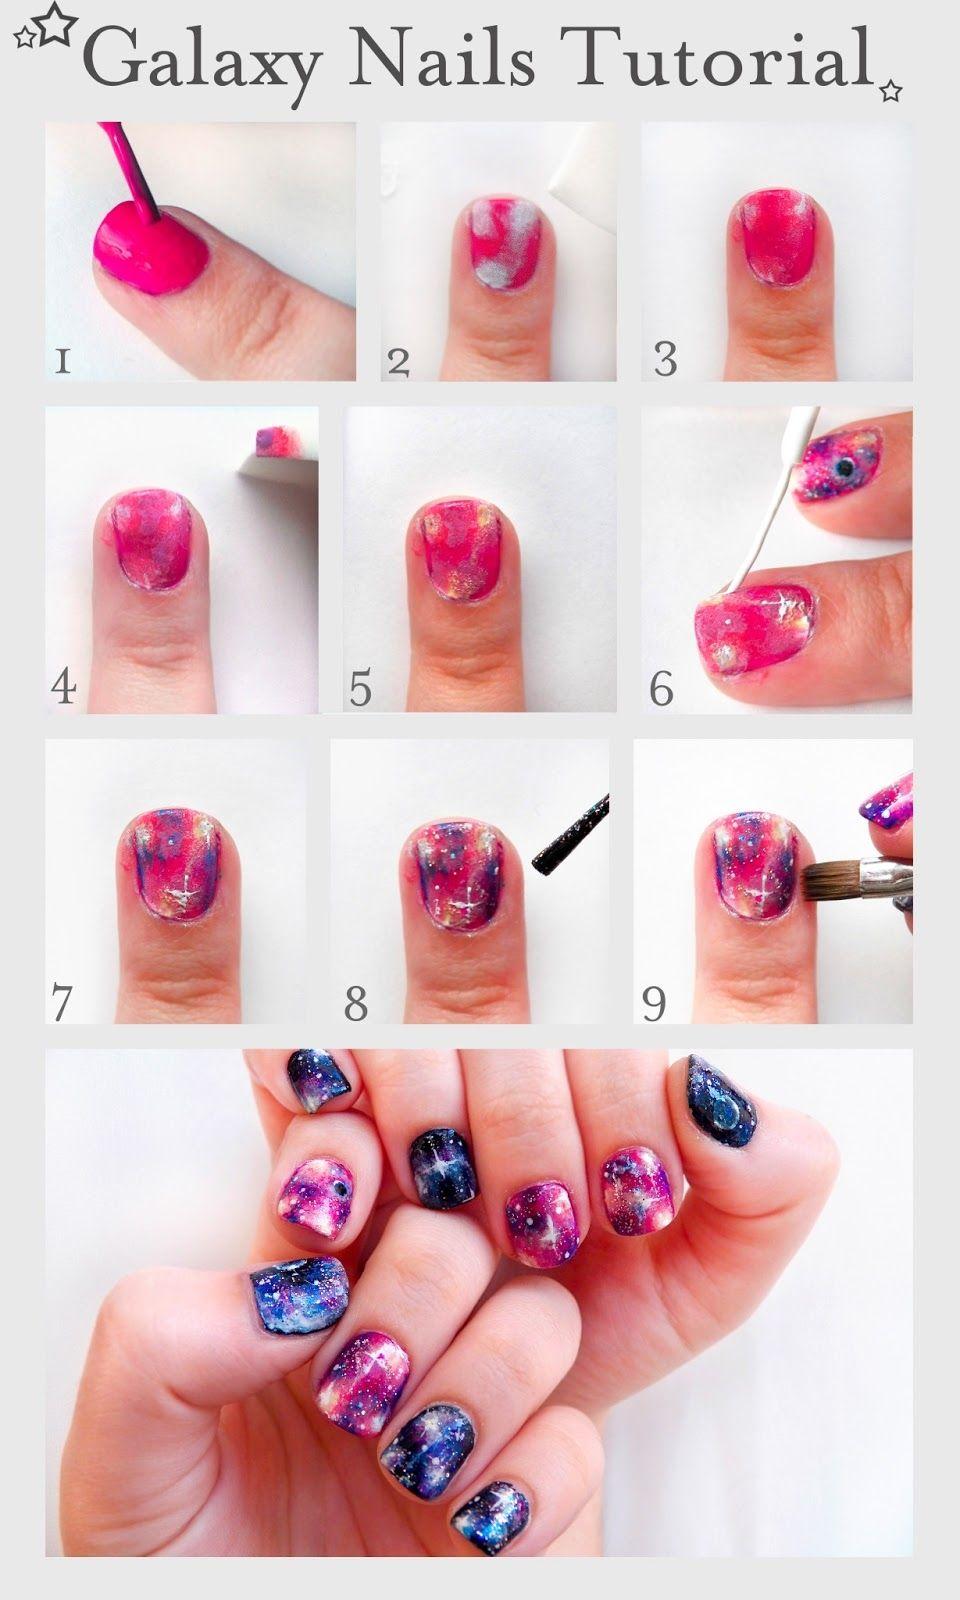 Galaxy Nails Tutorial | Nail Art | Pinterest | Galaxy nails tutorial ...